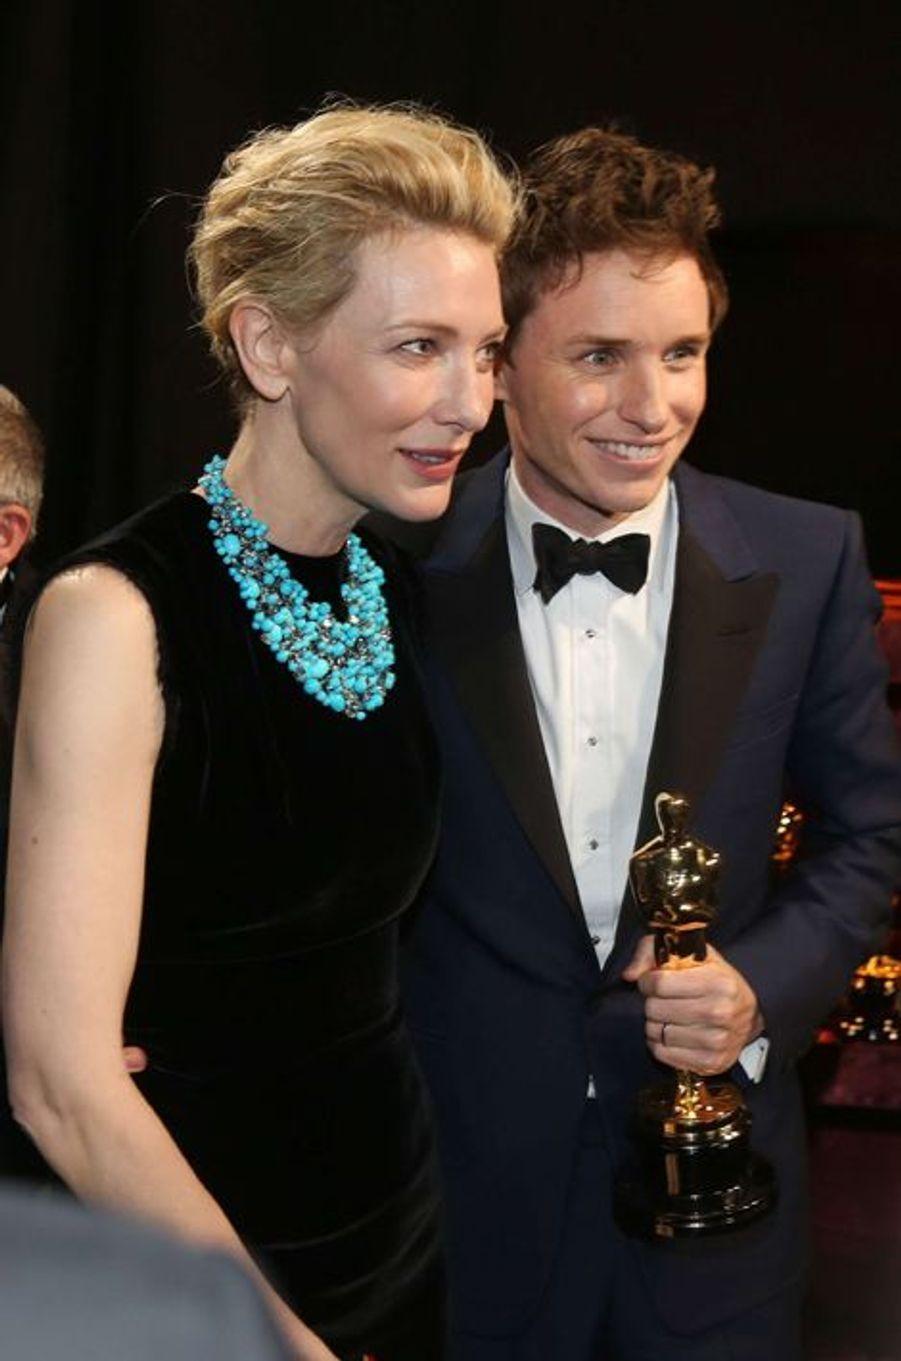 Cate Blanchett et Eddie Redmayne dans les coulisses des Oscars, à Los Angeles le 22 février 2015